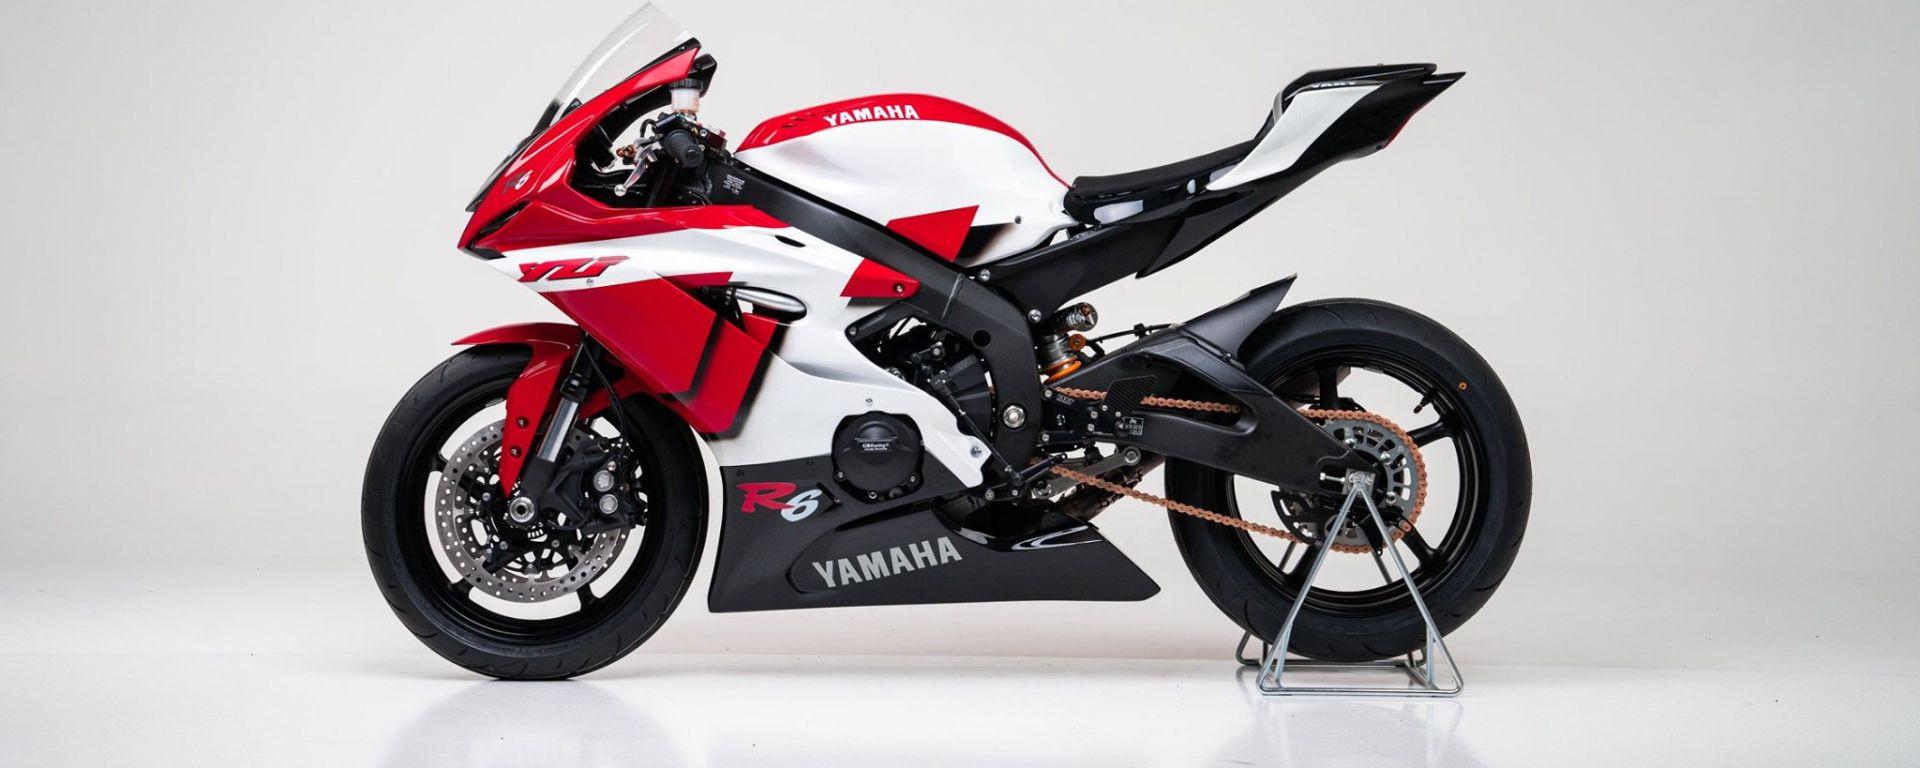 Vista laterale sinistra della Yamaha R6 20th Anniversary realizzata da YART